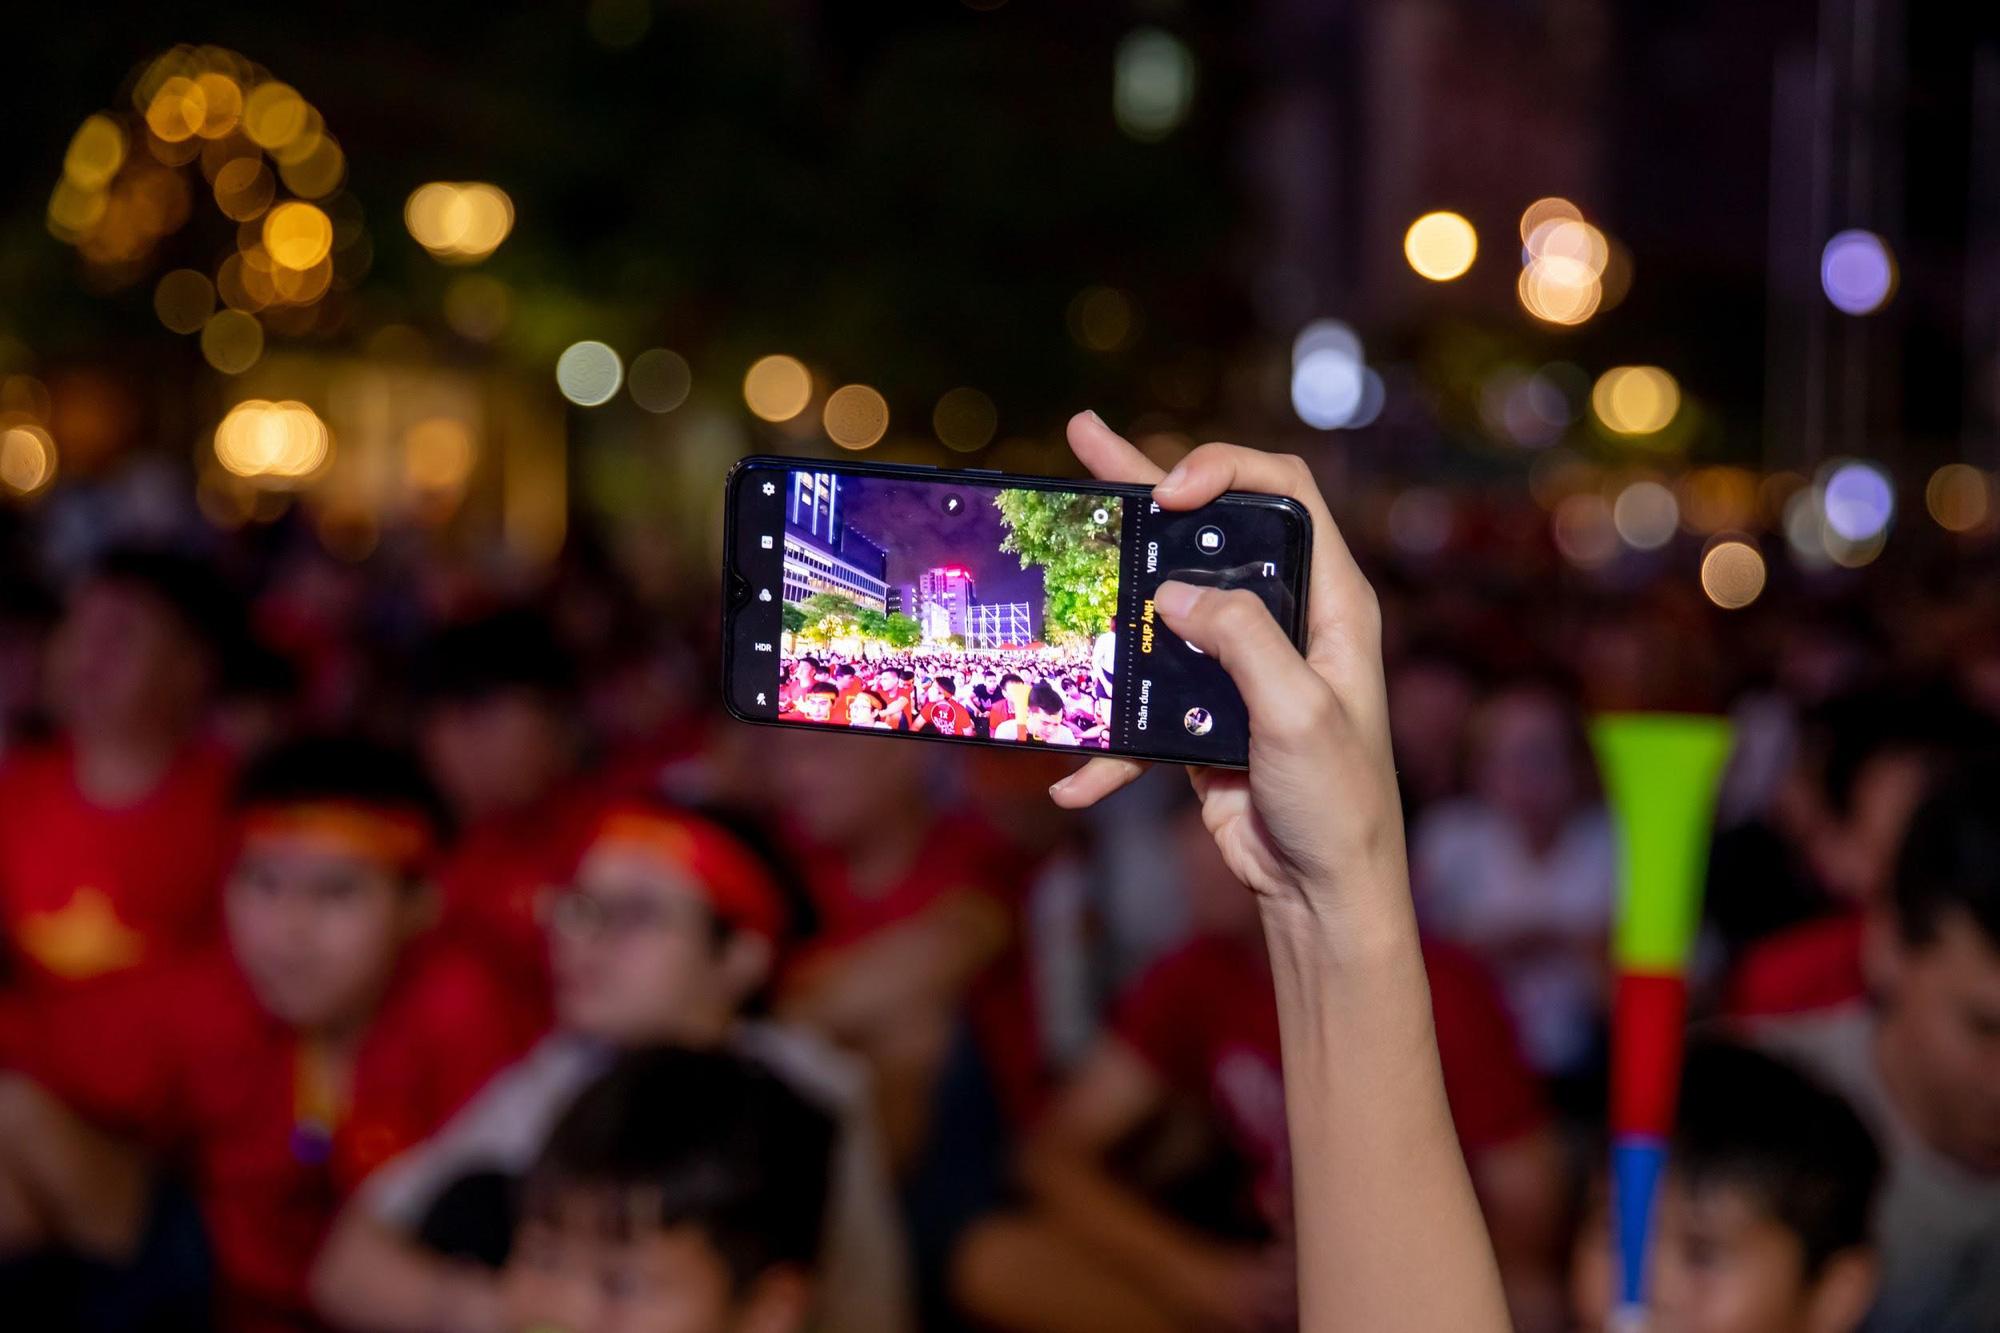 Giải mã chiếc điện thoại được hàng loạt tín đồ túc cầu selfie tại trận đấu vòng loại World Cup Việt Nam - UAE - Ảnh 4.